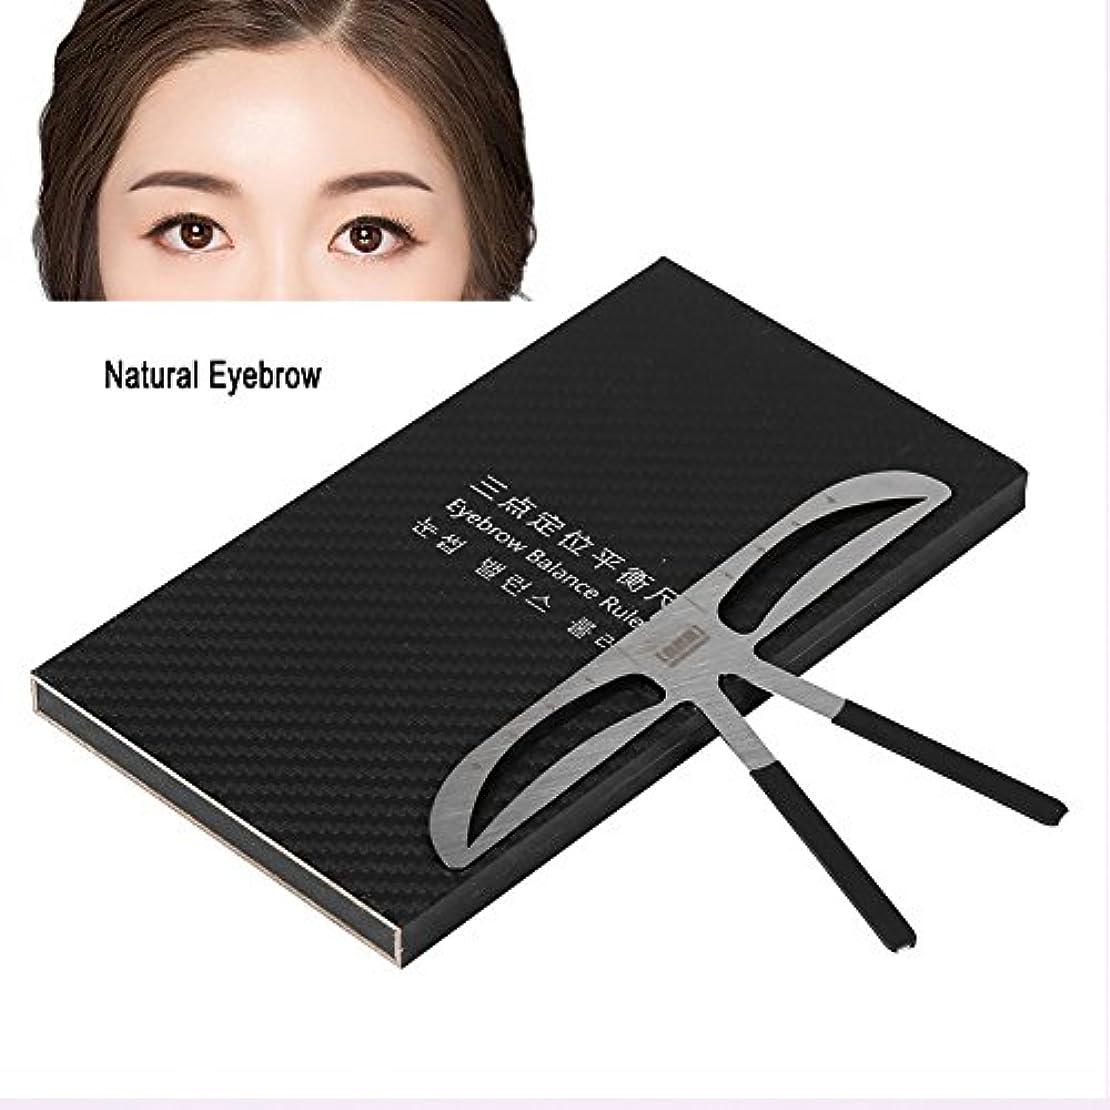 擁するアルカイック遠えOchun 眉毛テンプレート 眉毛メイクツール 眉毛を描く 位置測定 3点測定メイク 左右対称 眉毛用ルーラー(#1)